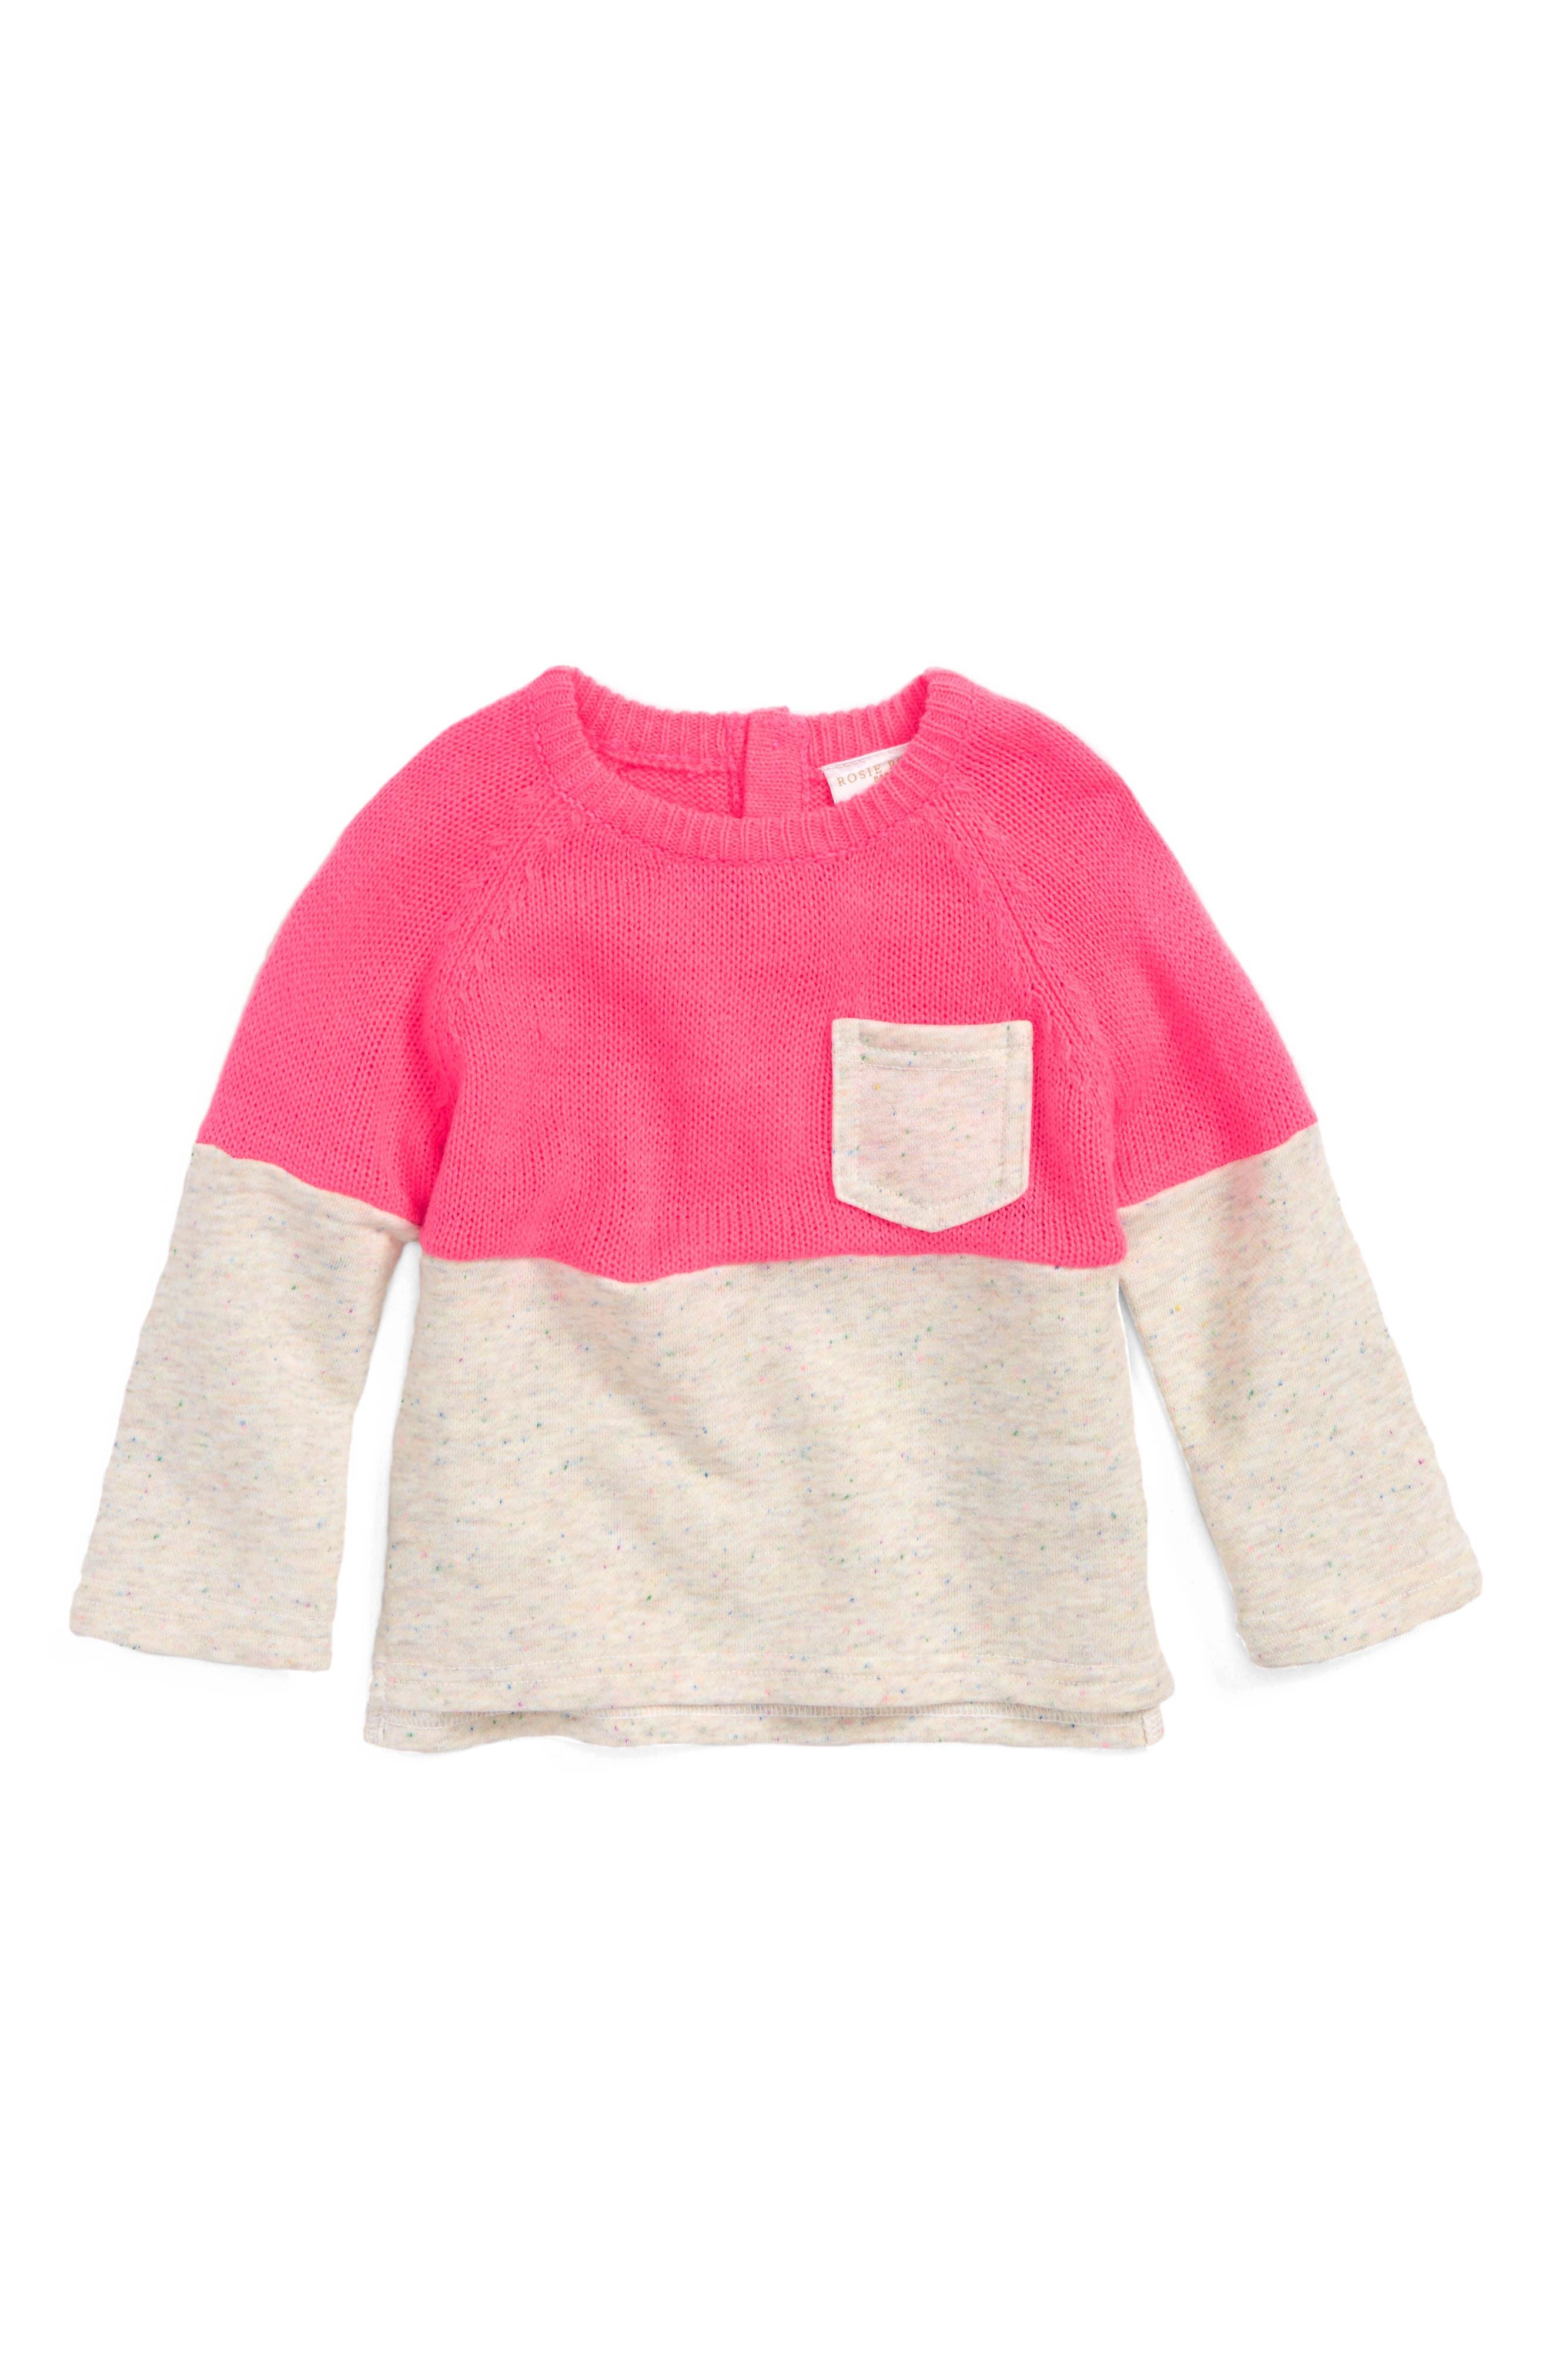 Main Image - Rosie Pope Mixed Sweater (Baby Girls)